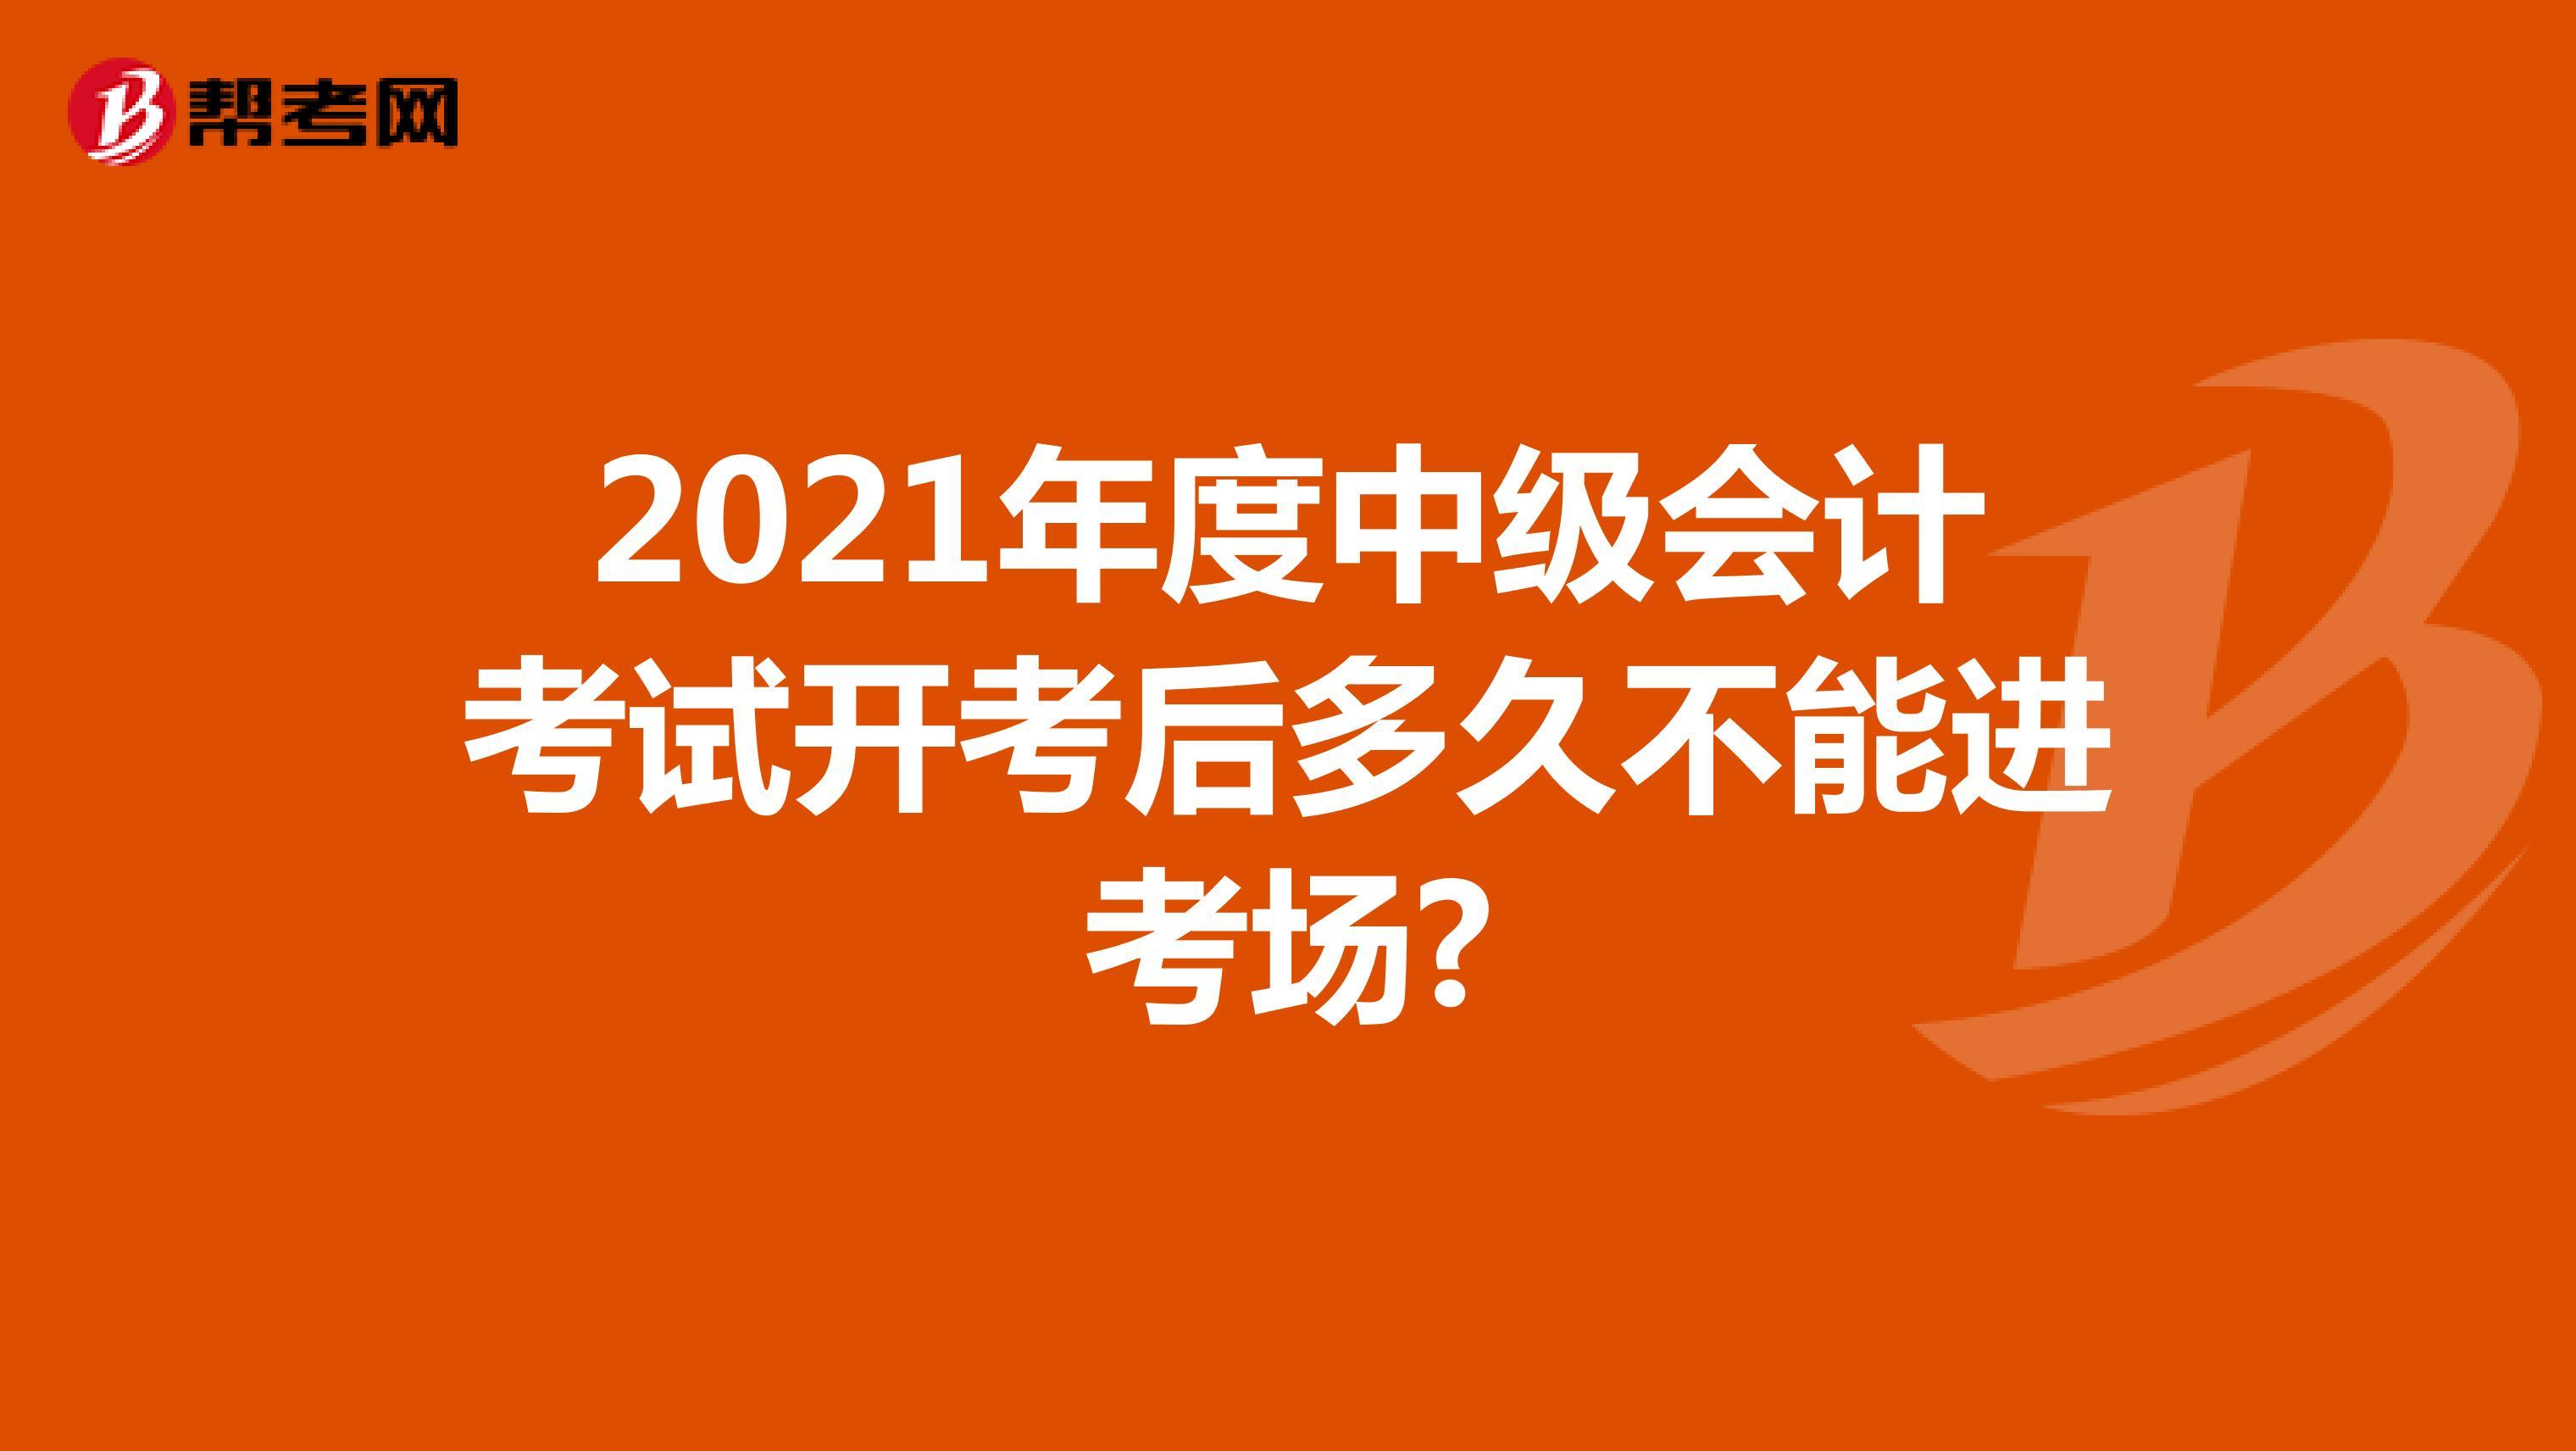 2021年度中级会计考试开考后多久不能进考场?